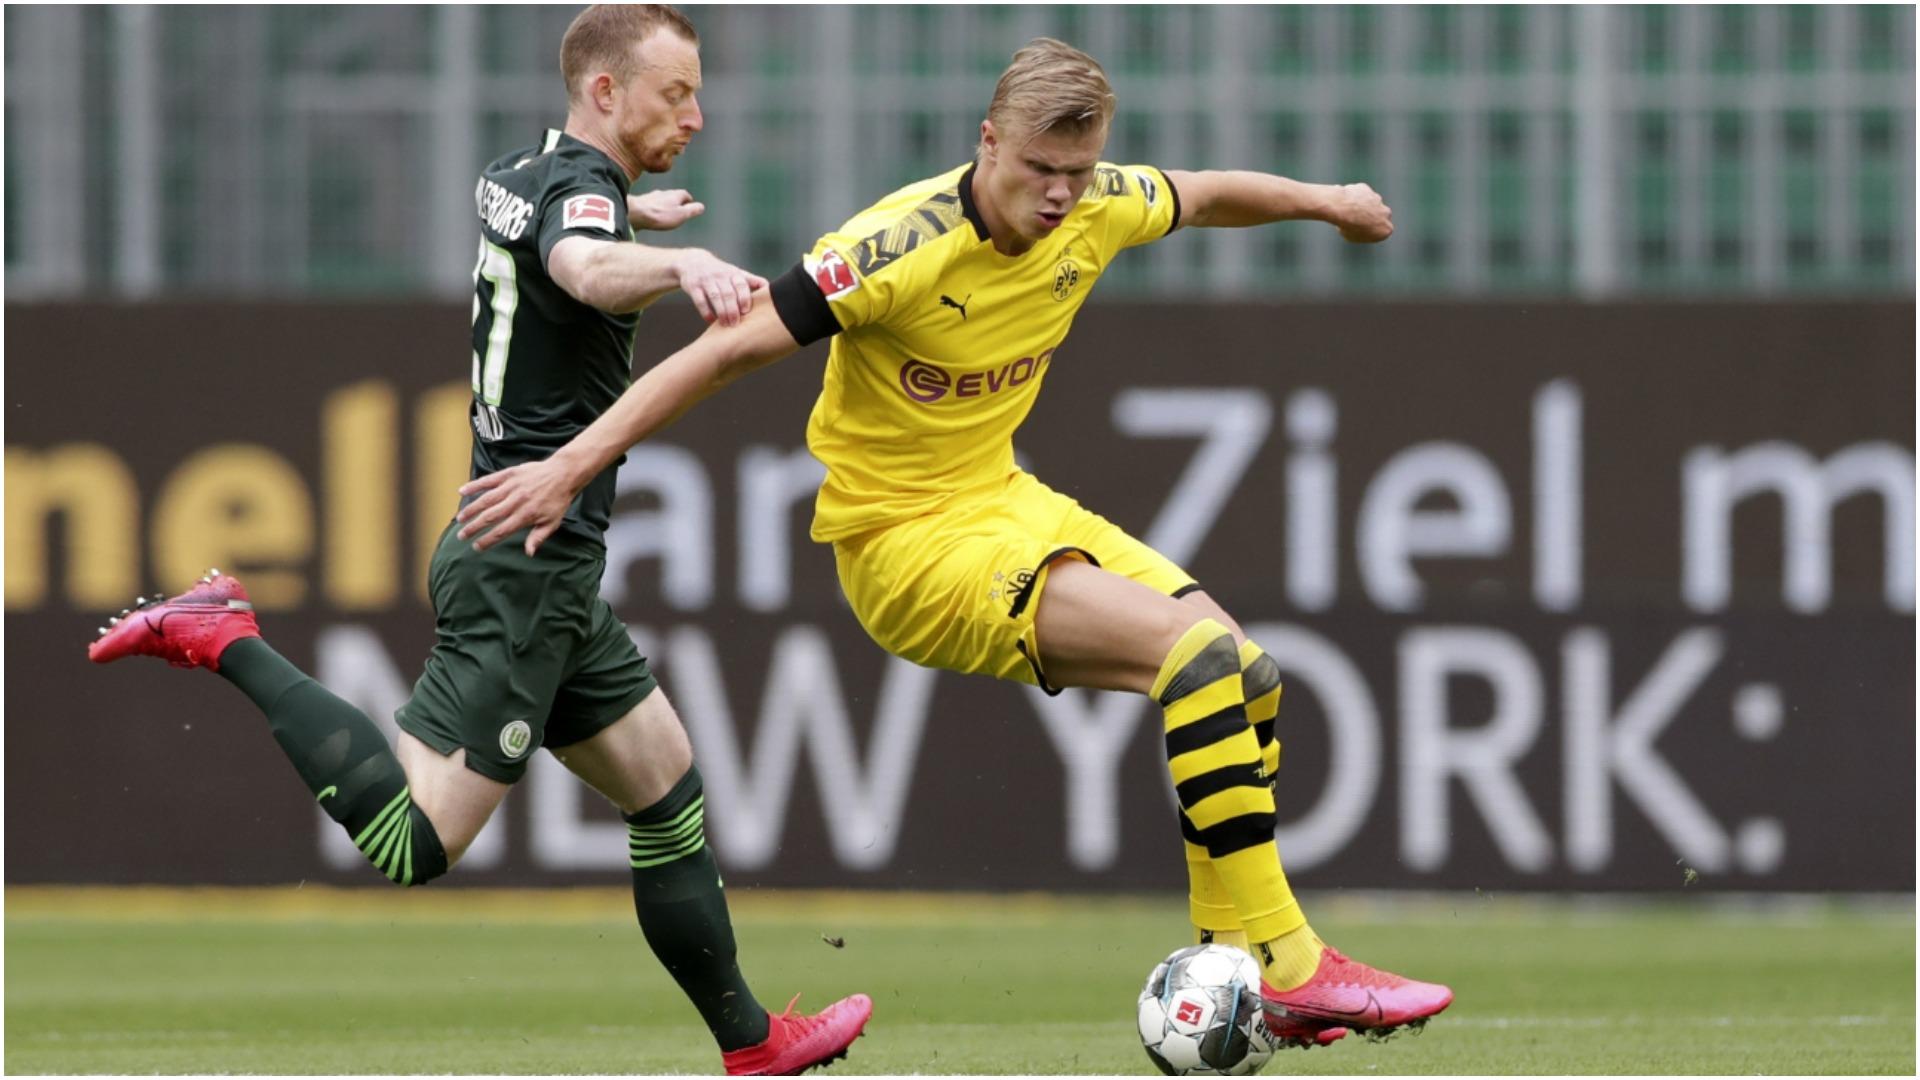 VIDEO | Dortmund makineri golash, ndëshkon Wolfsburg me një super aksion